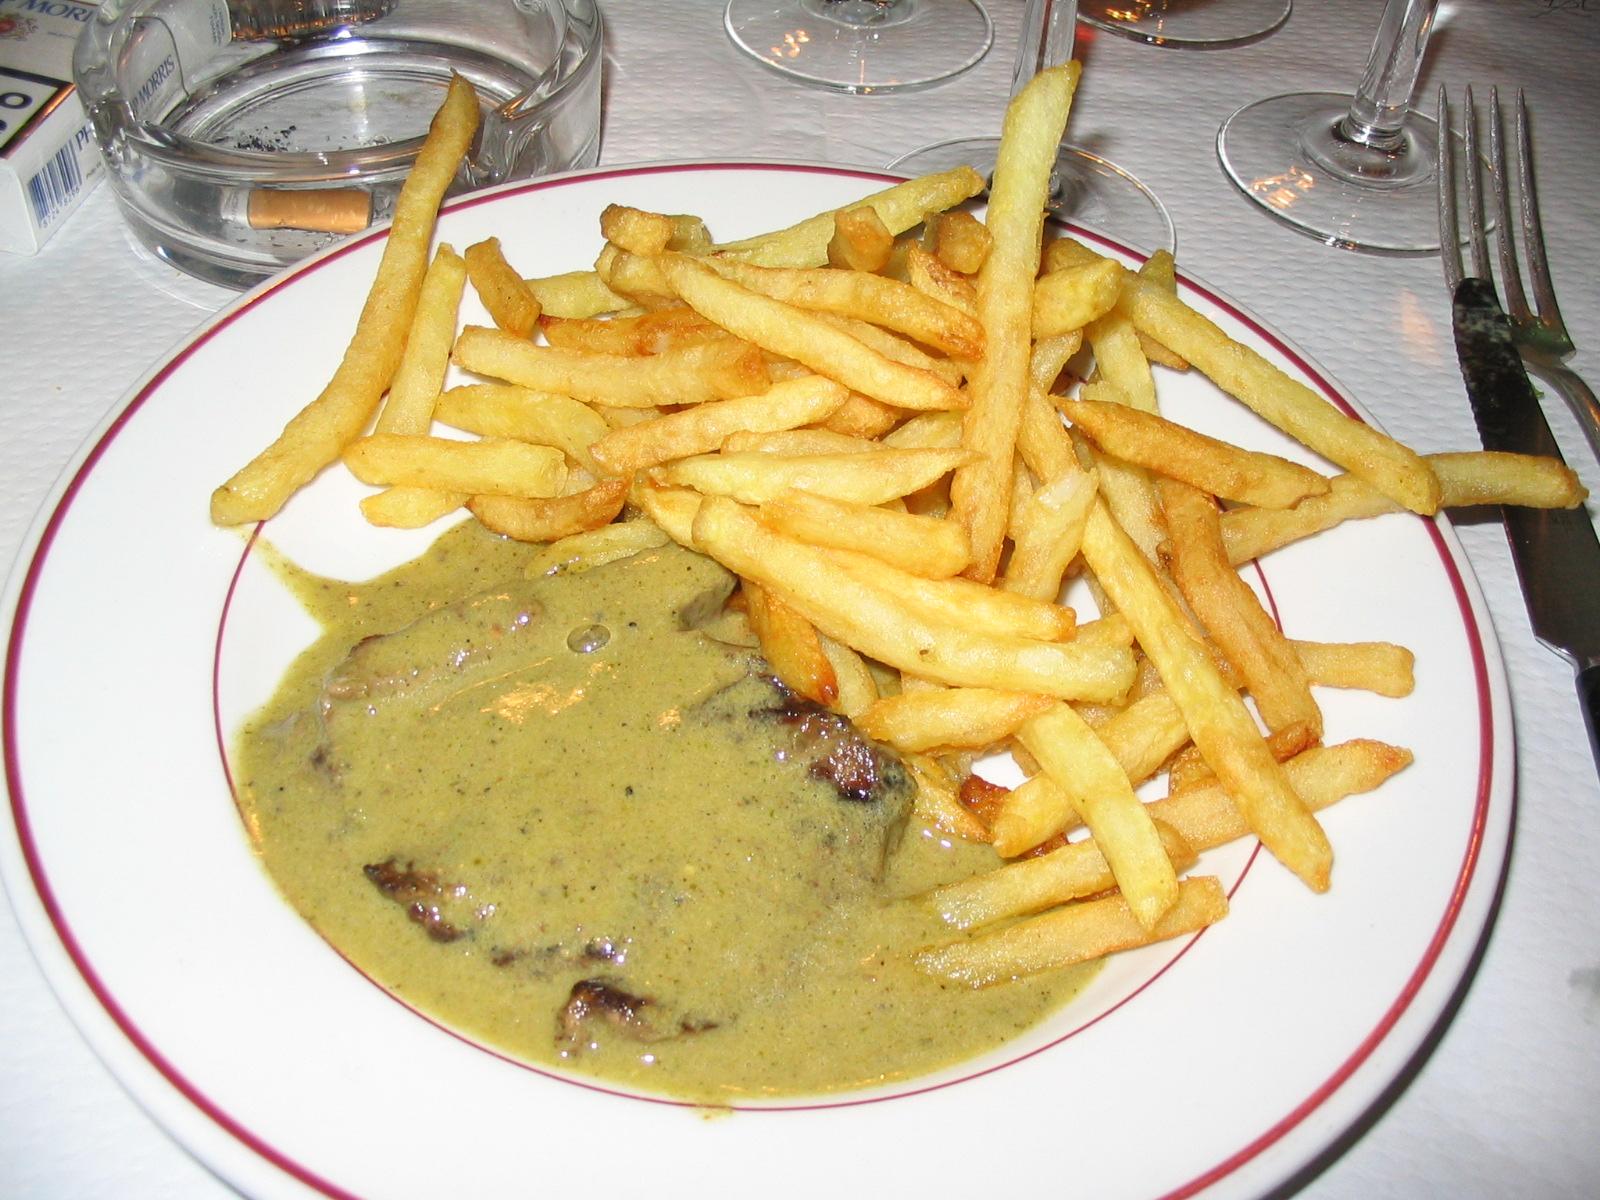 Sauce Entrecote Caf Ef Bf Bd De Paris Gen Ef Bf Bdve